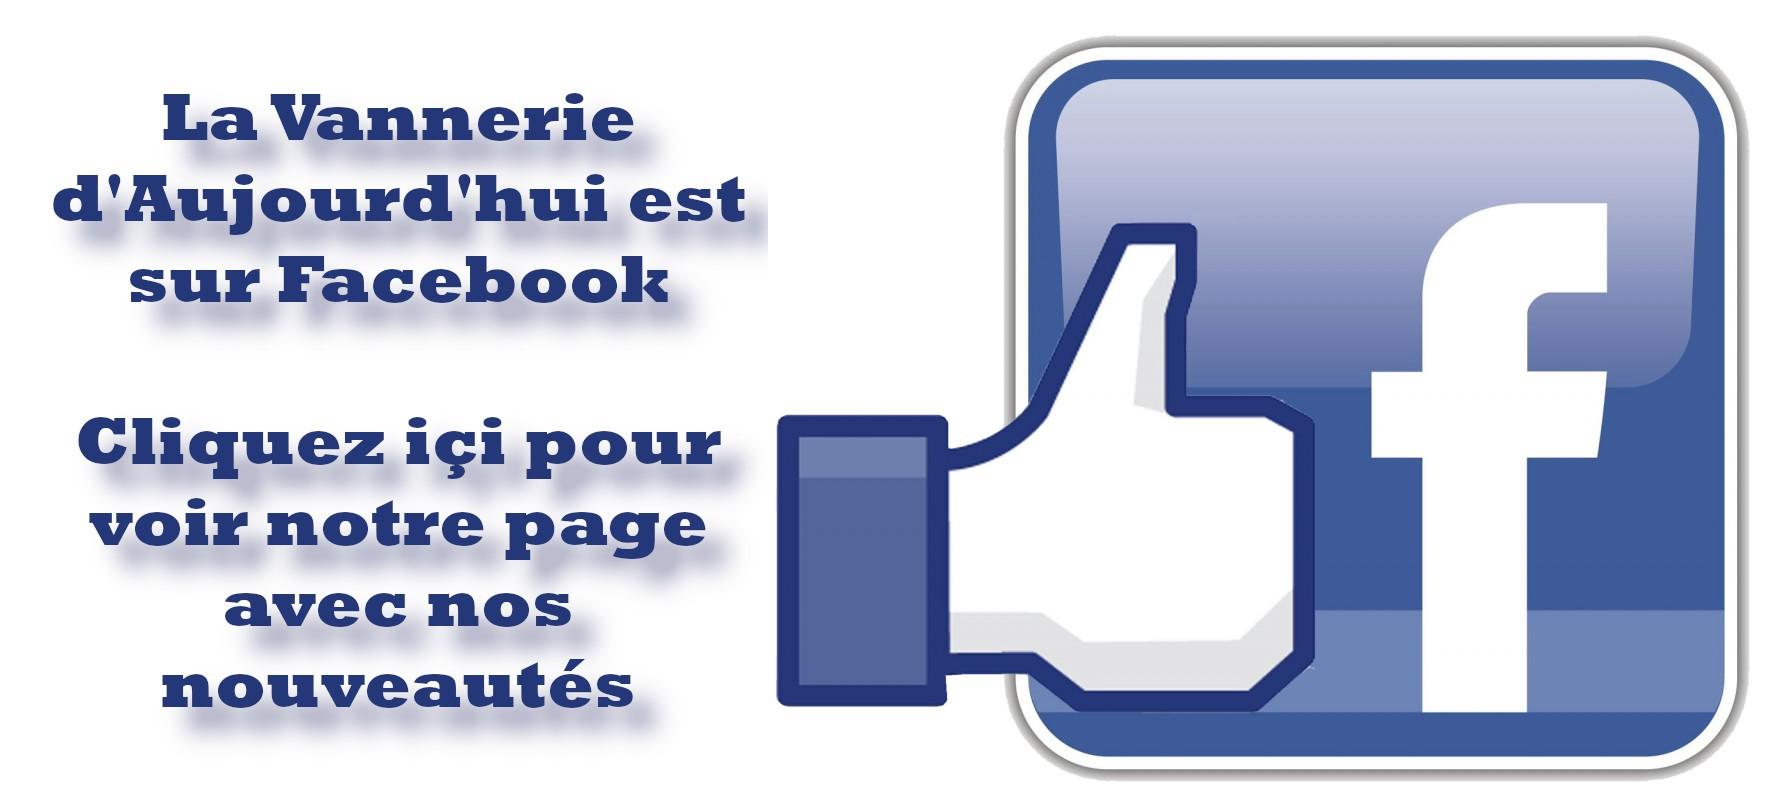 Retrouvez la Vannerie d'Aujourd'hui sur Facebook